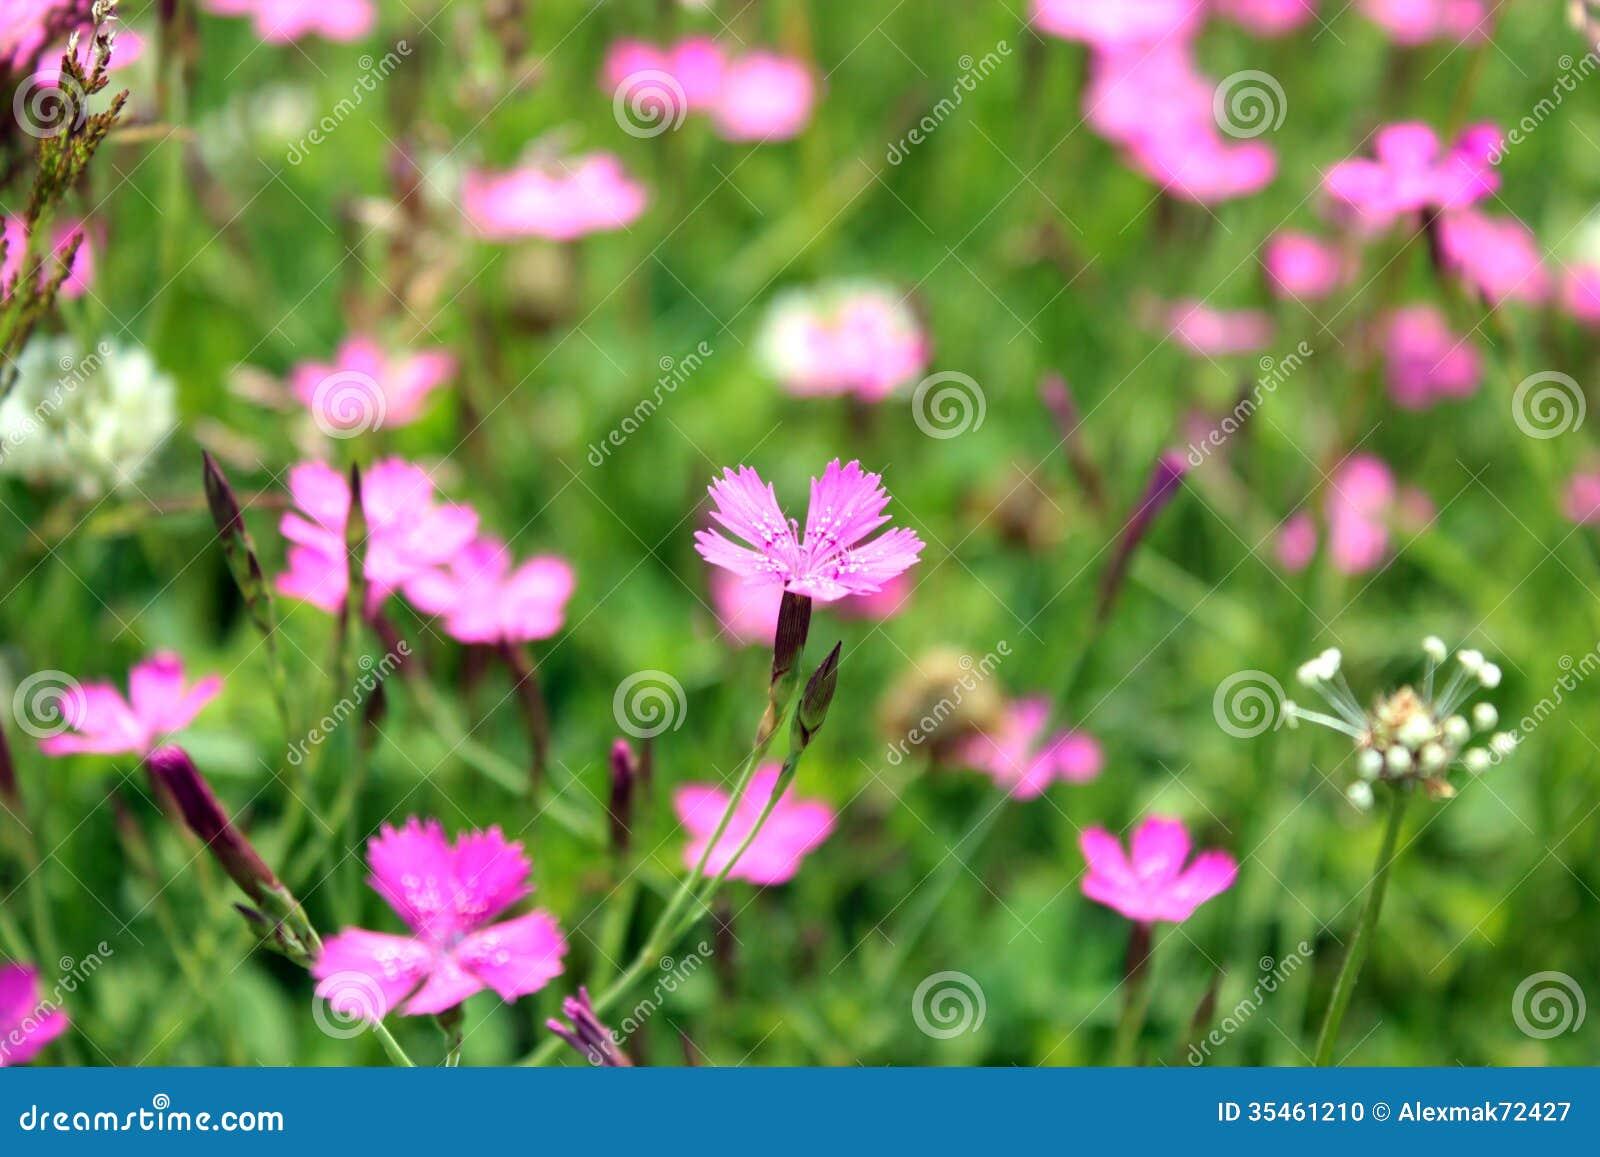 fleur d'oeillet sauvage rouge images libres de droits - image